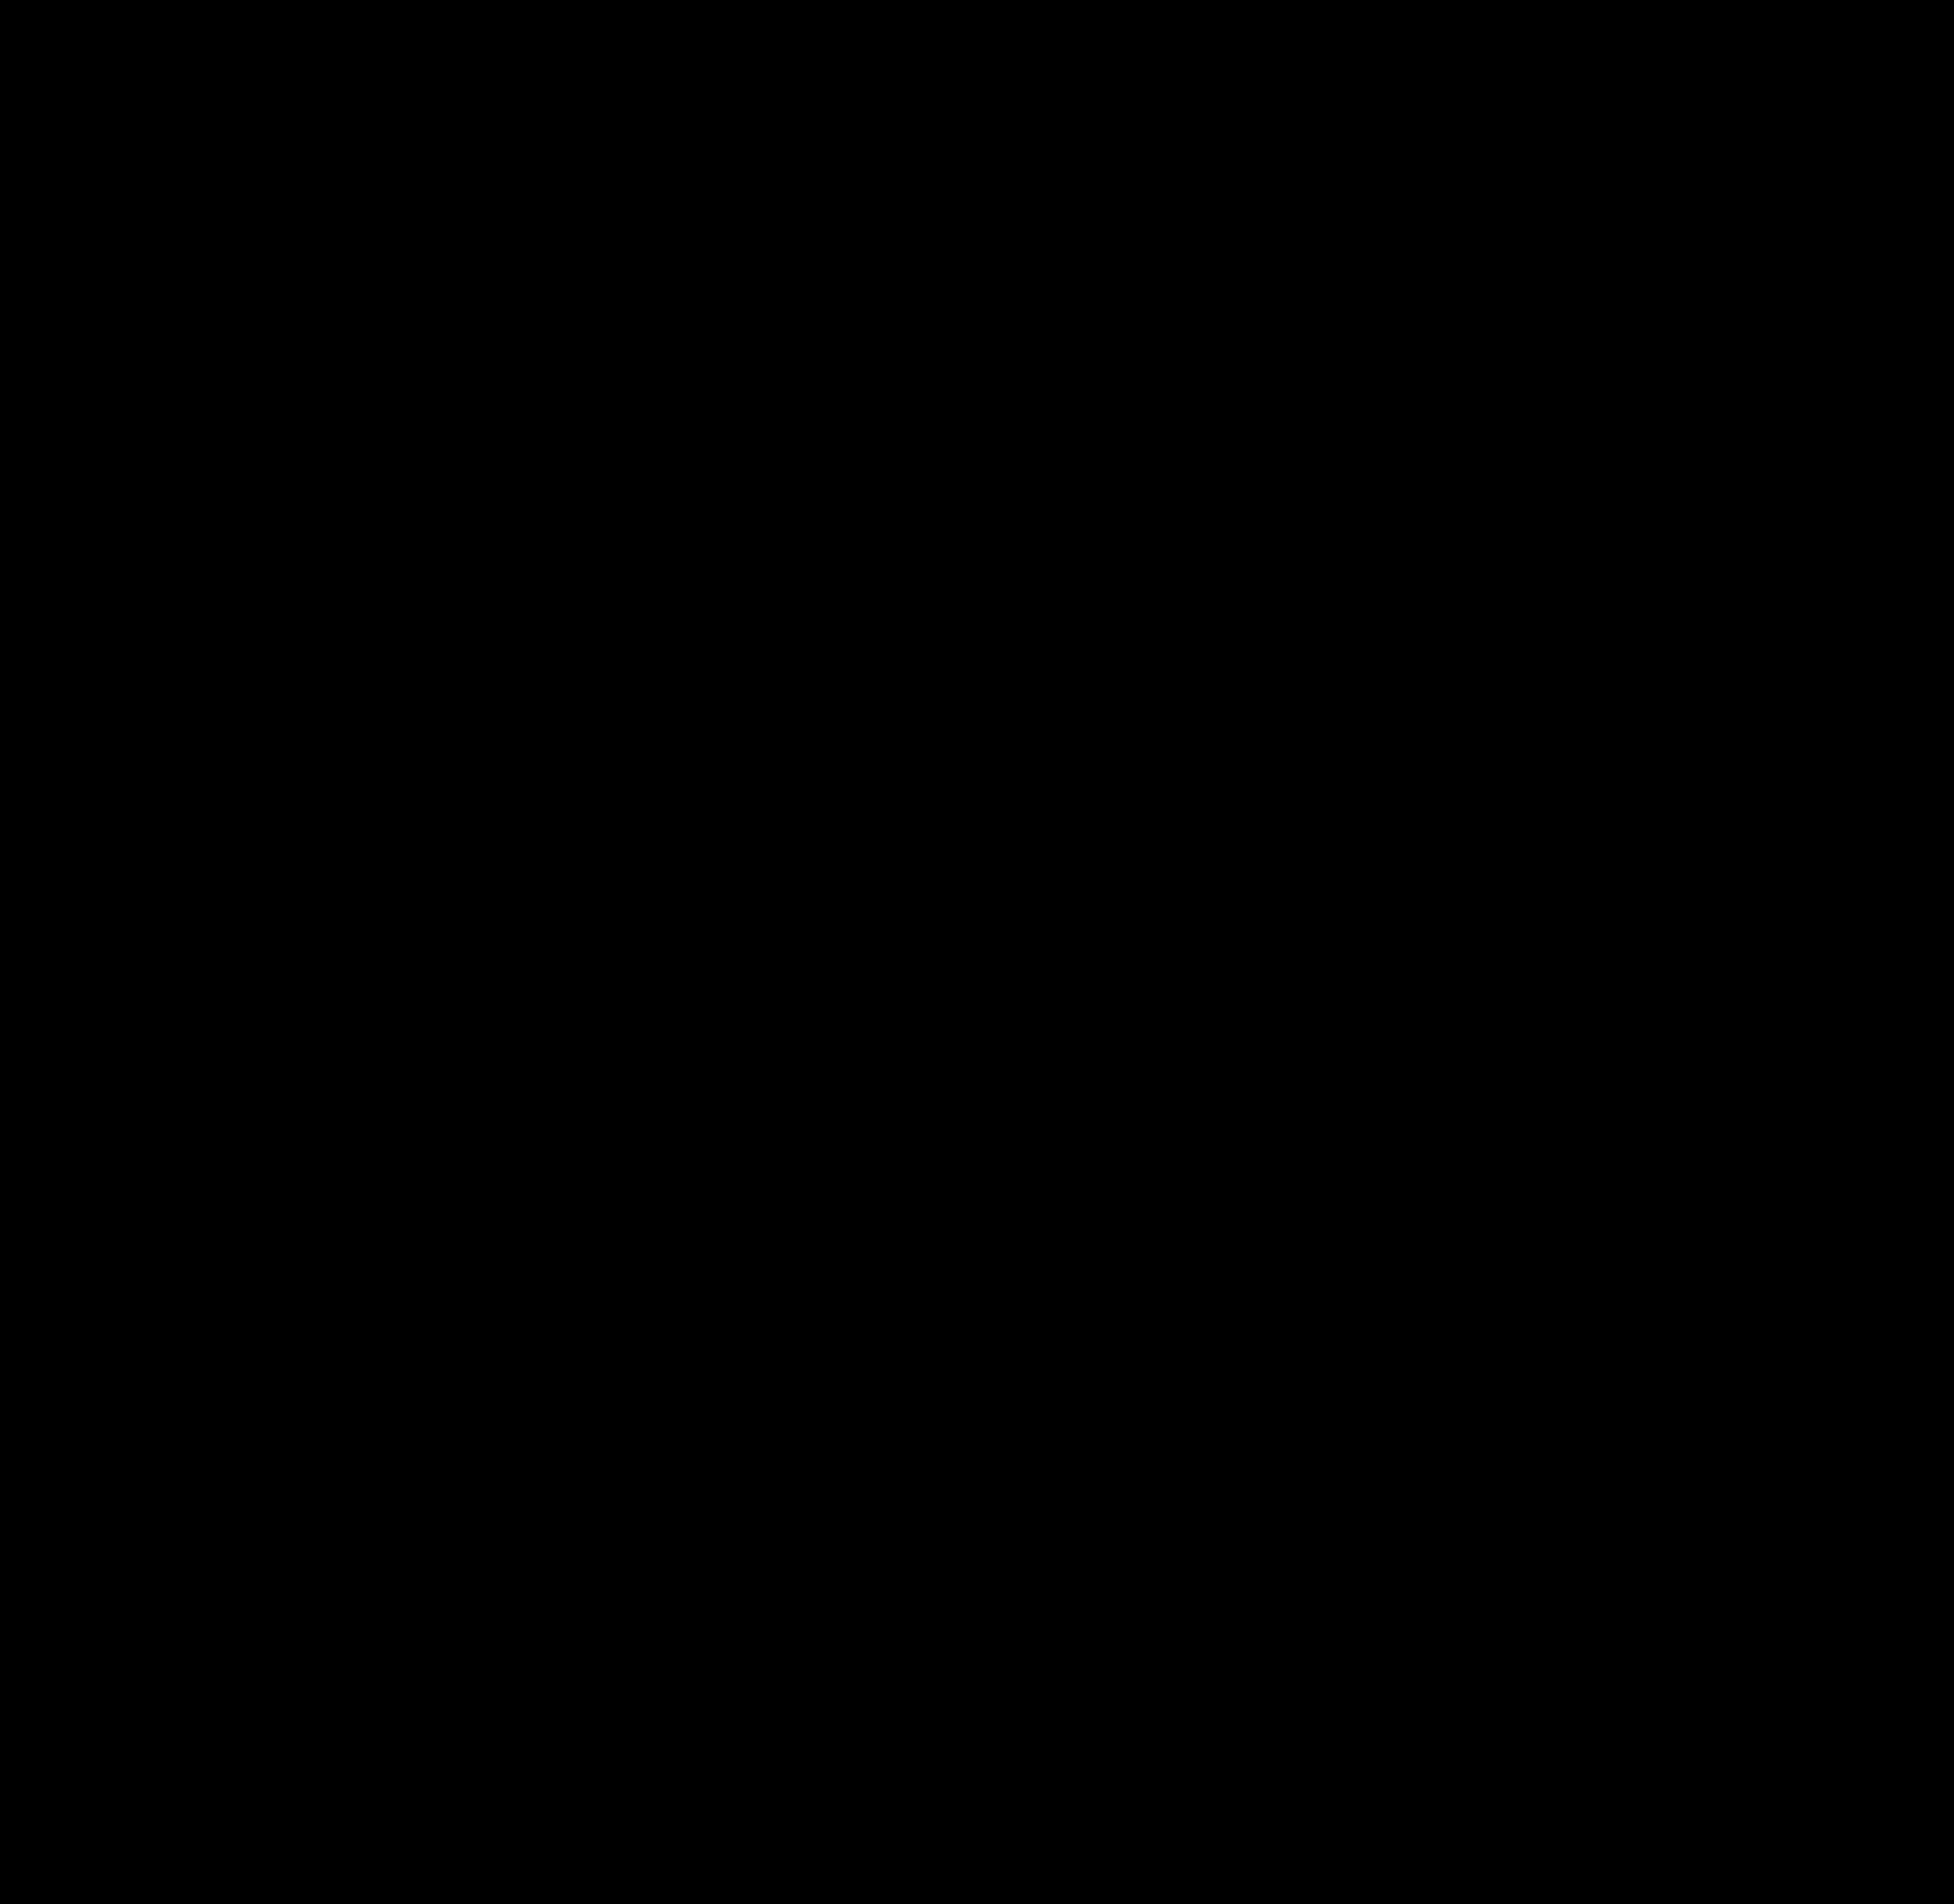 PTCOG52 P173 pic1